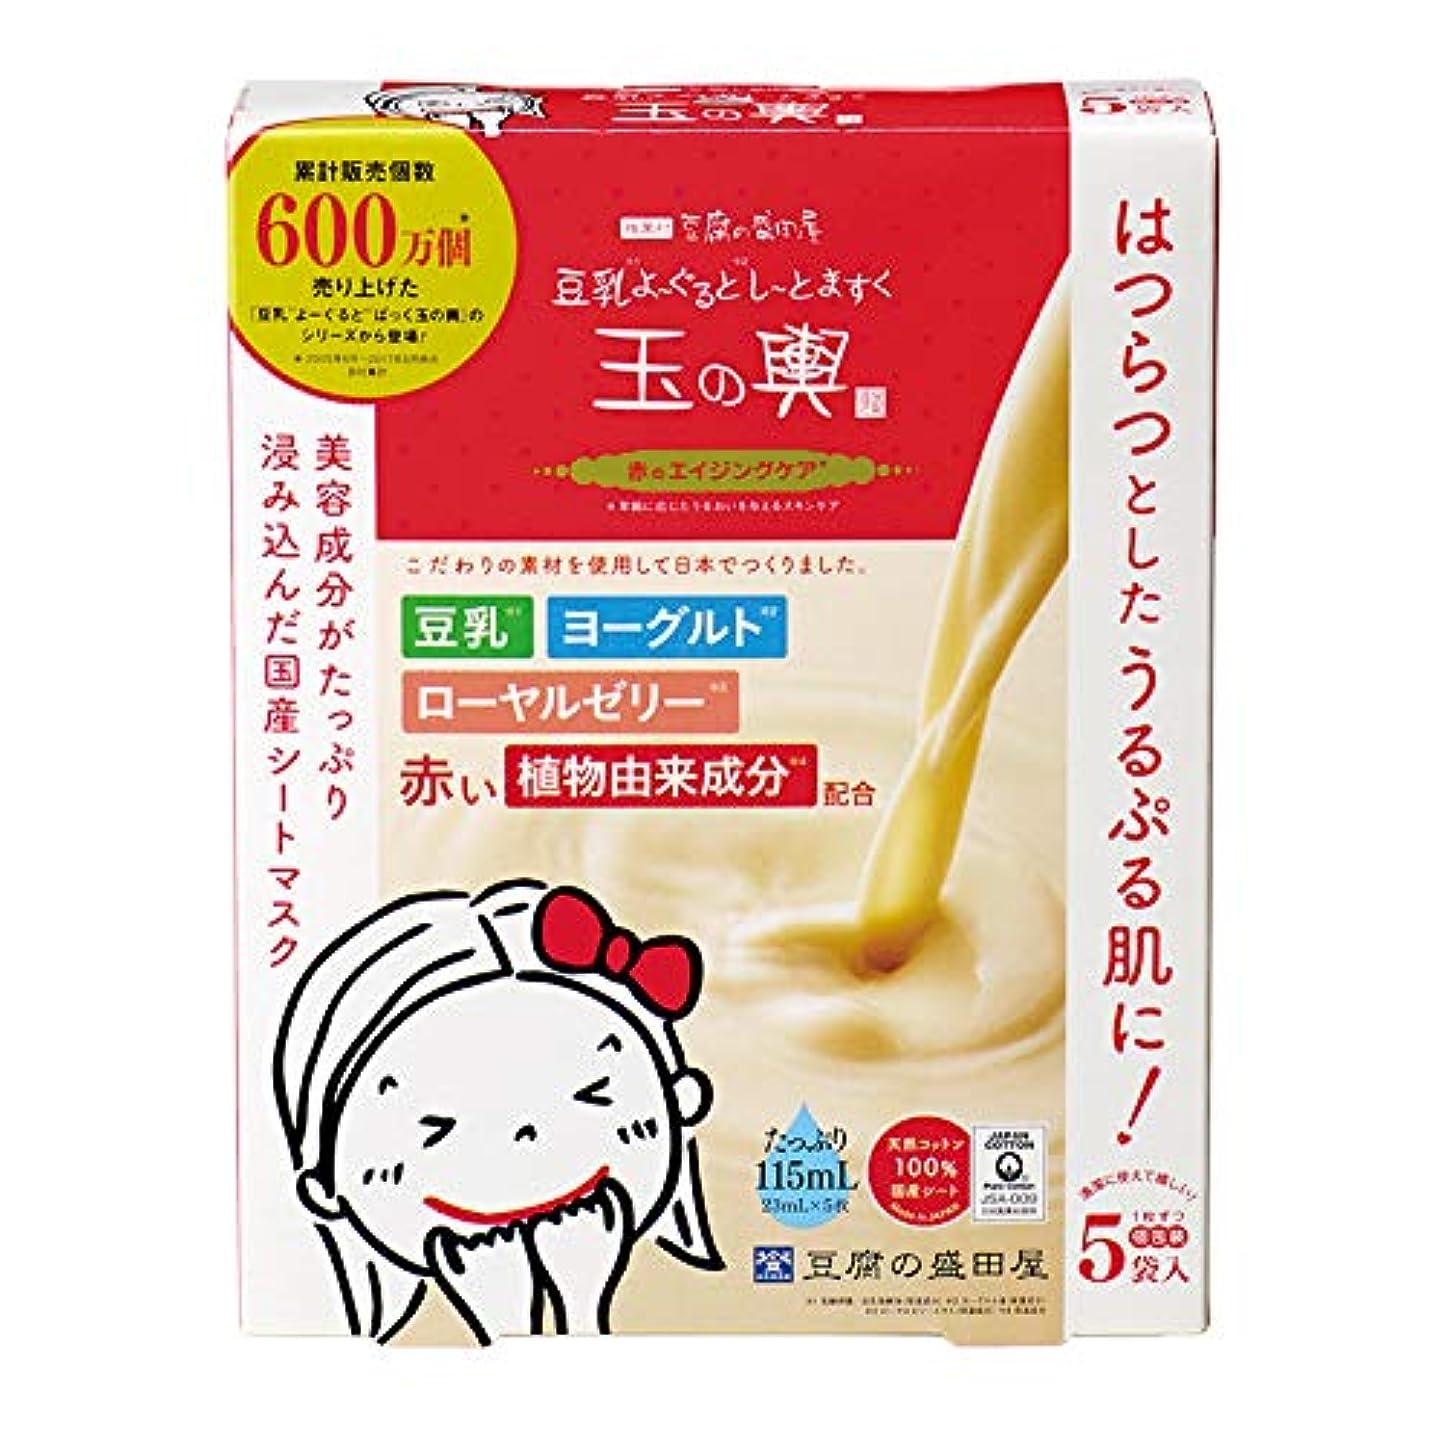 少しバルクおそらく豆腐の盛田屋 豆乳よーぐるとしーとますく 玉の輿〈赤のエイジングケア〉23mL×5枚